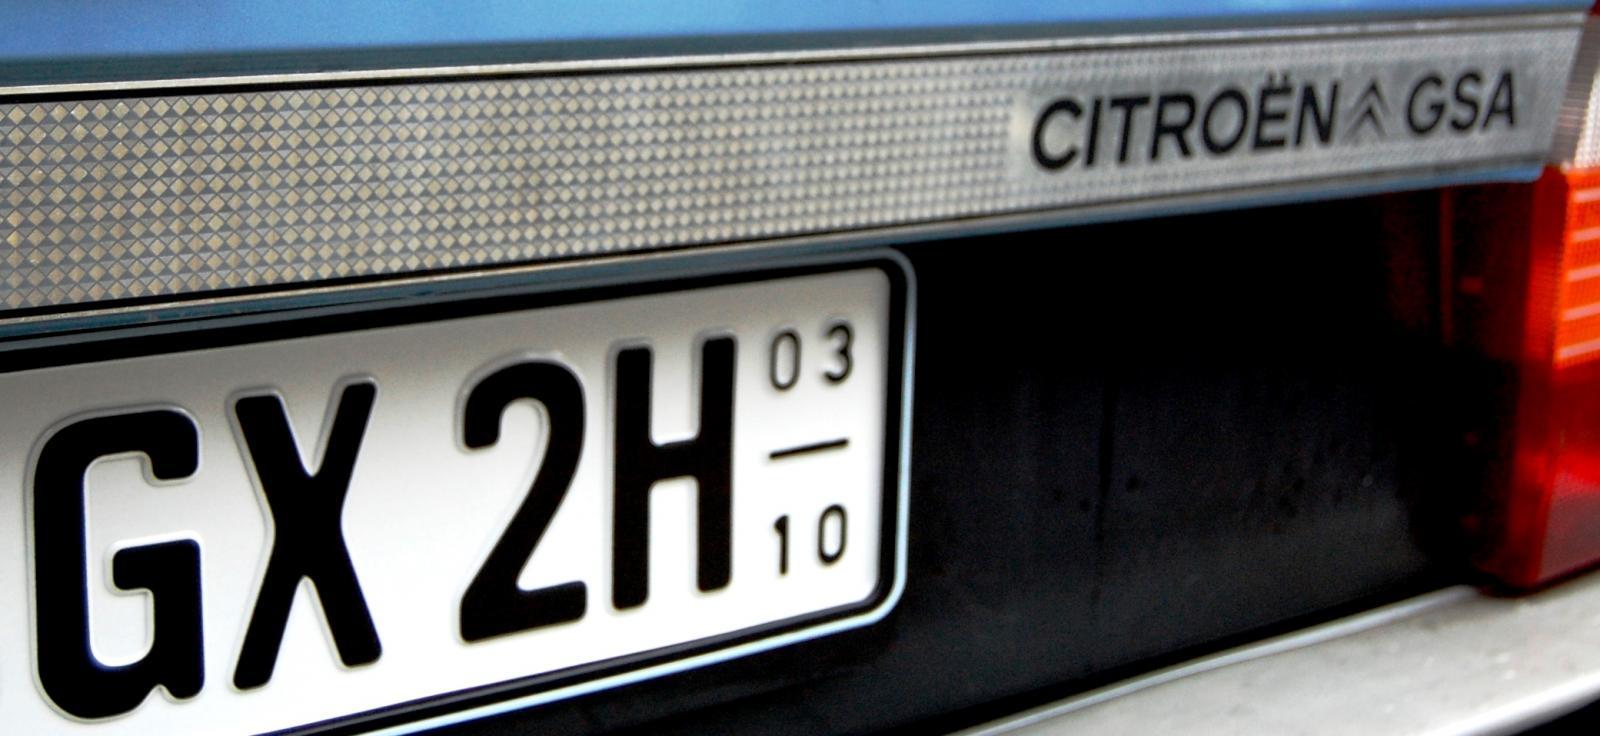 GX2 H 3-10.JPG